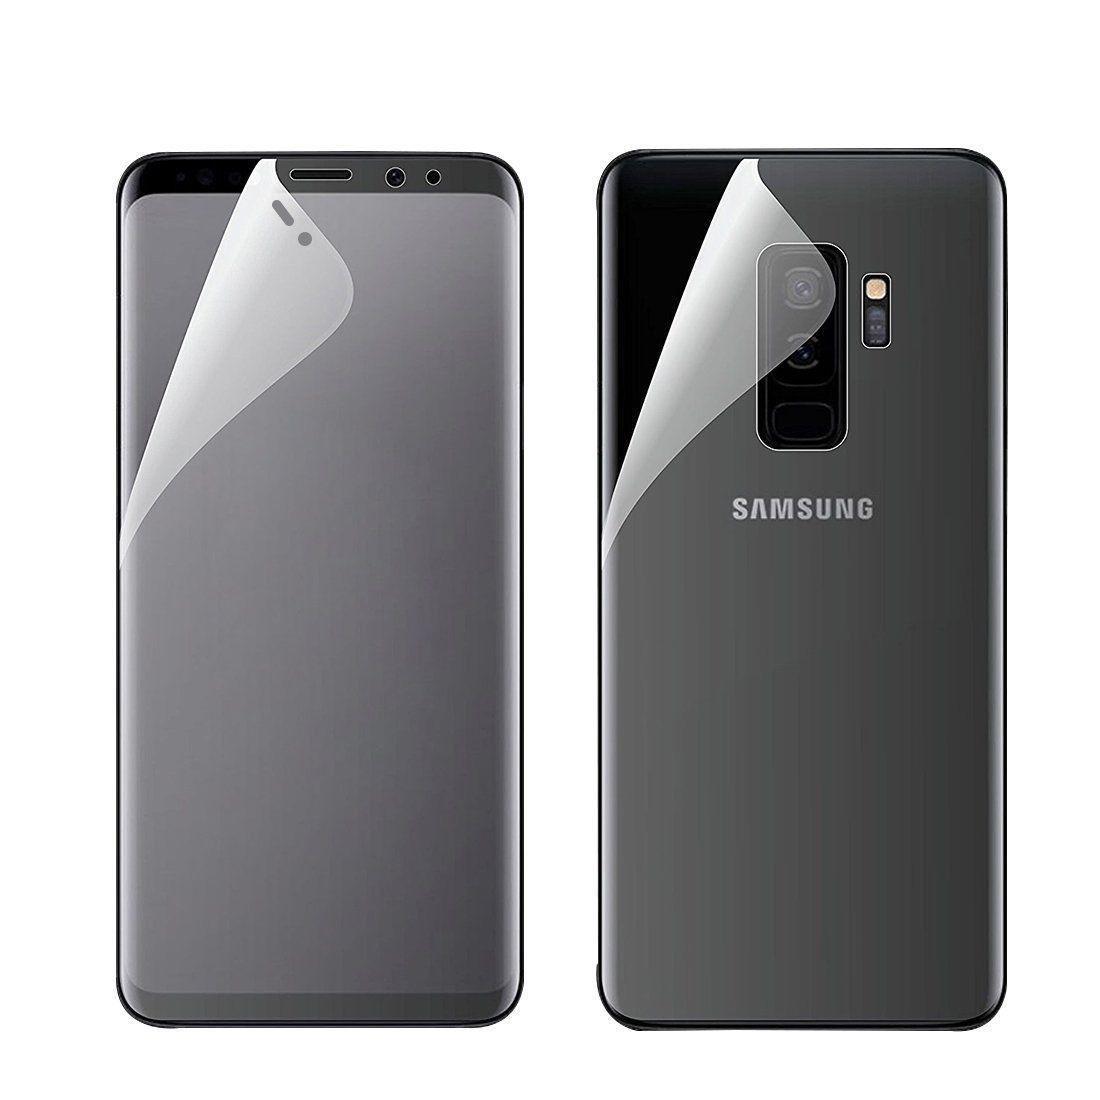 25a21dc4b5c Micas Set Frontal Trasera Samsung Galaxy S9 Plus Y S9 - $ 199.00 en ...